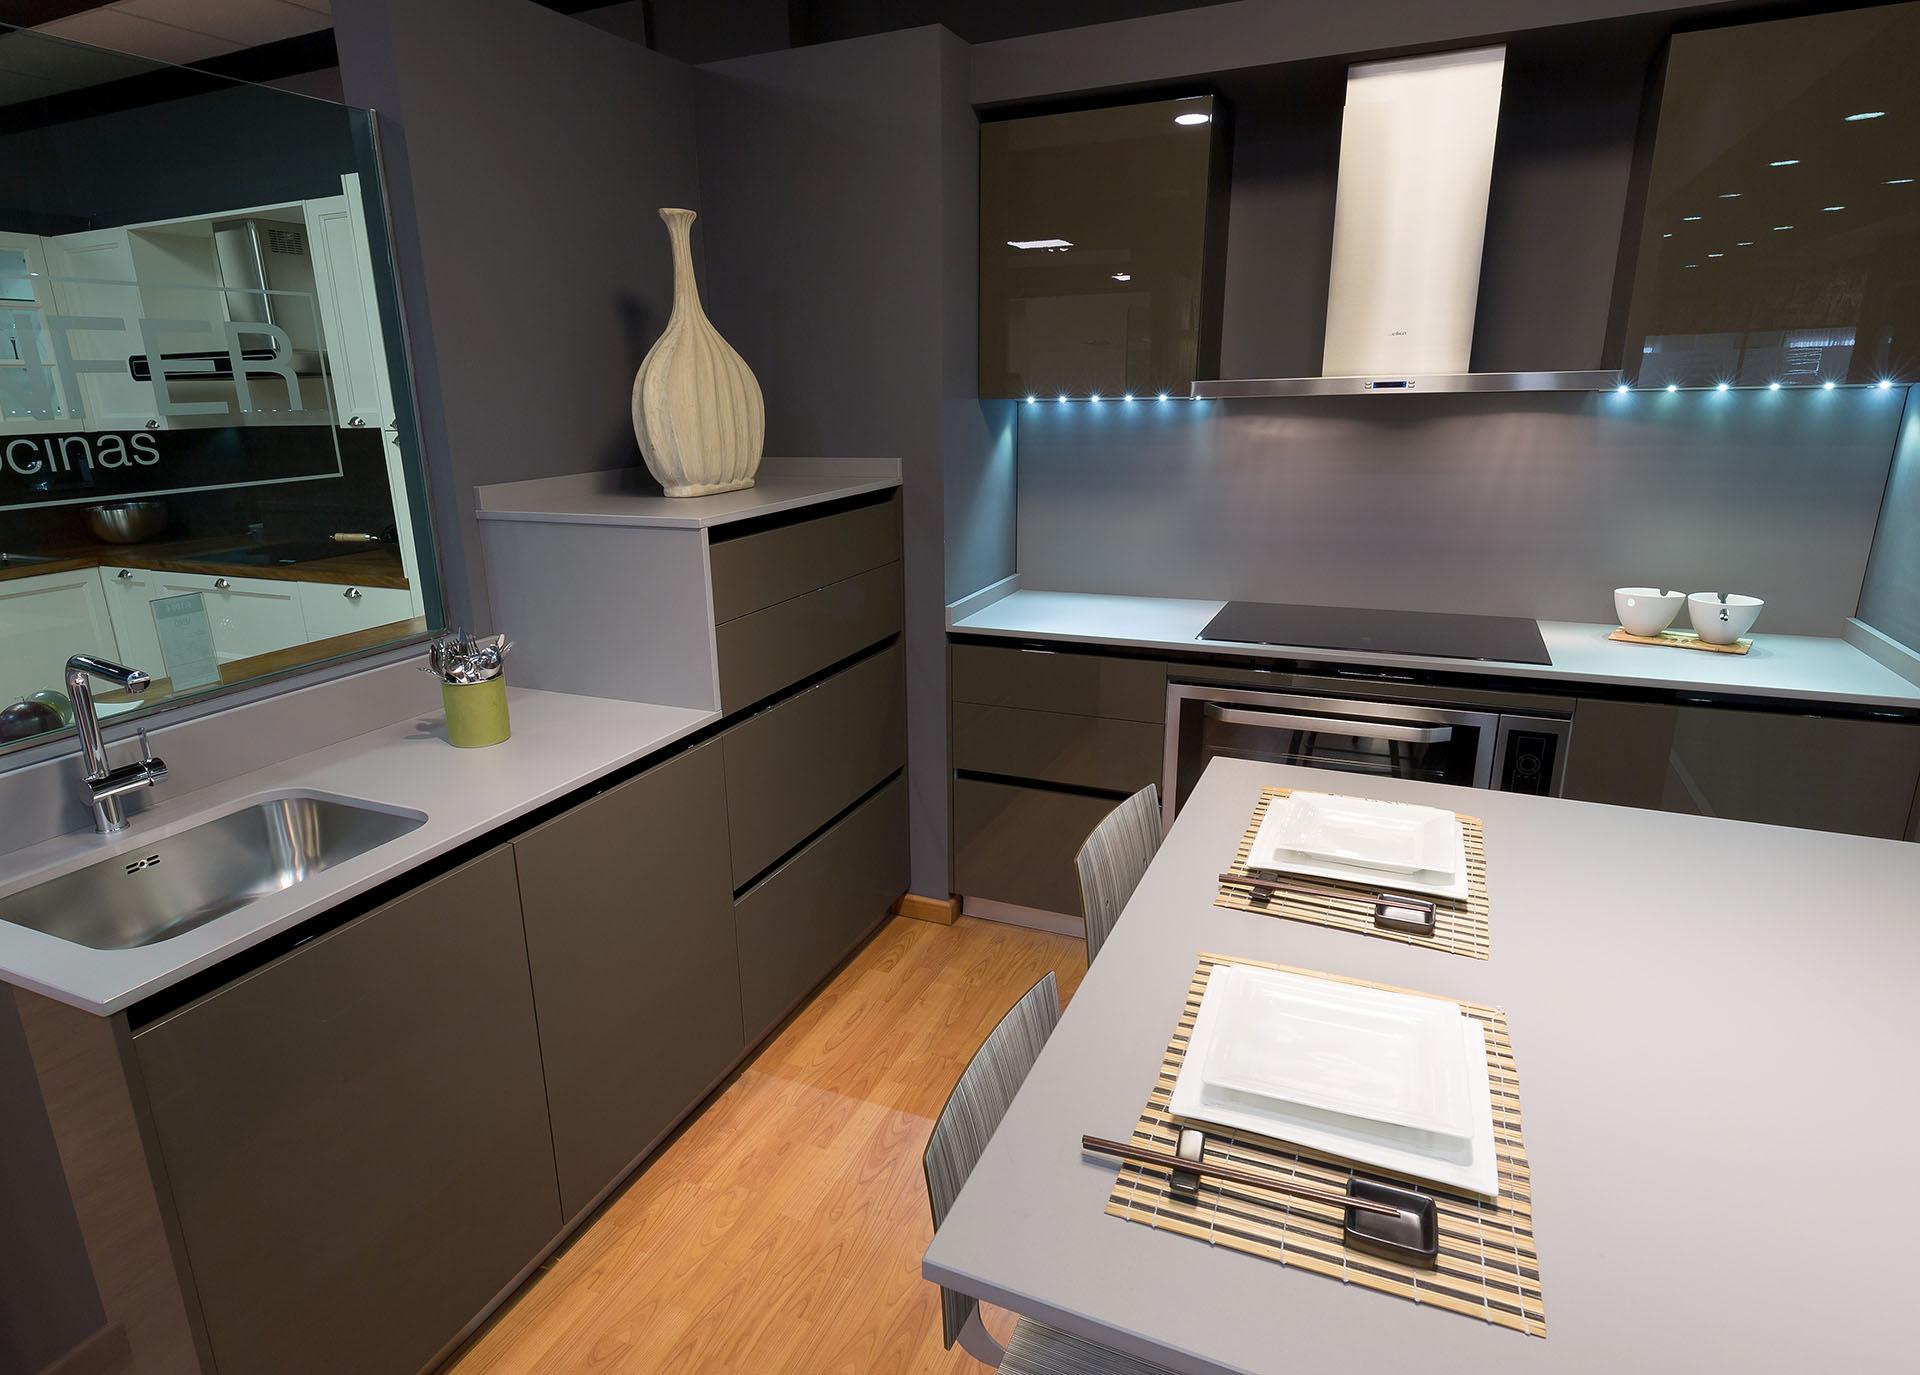 Las cocinas oscuras c mo hacerlas elegantes cocinas rio - Pintar encimera cocina ...